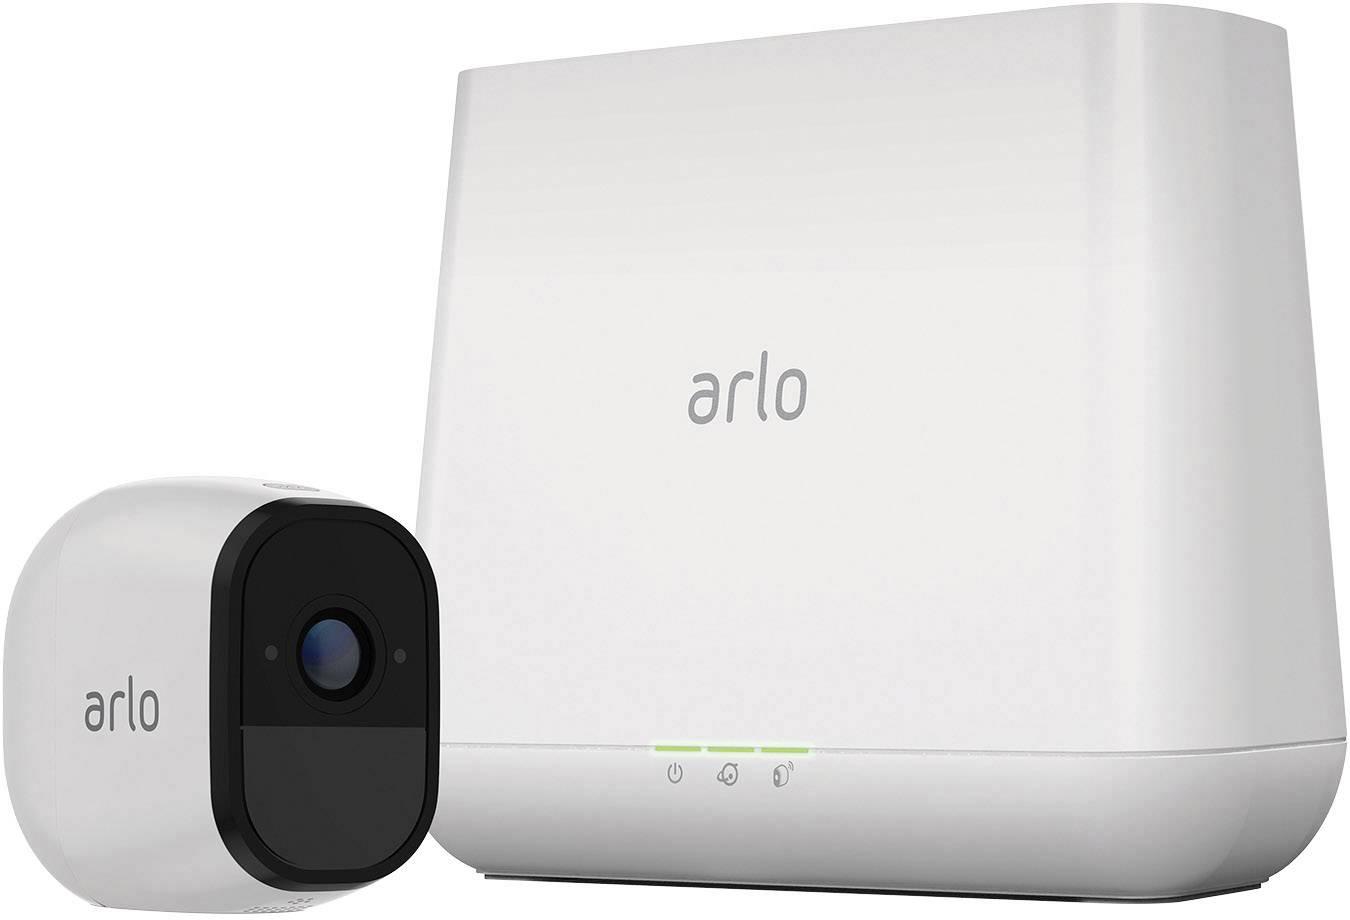 Sada bezpečnostní kamery NETGEAR Arlo Pro , 5kanálová, s 1 kamerou